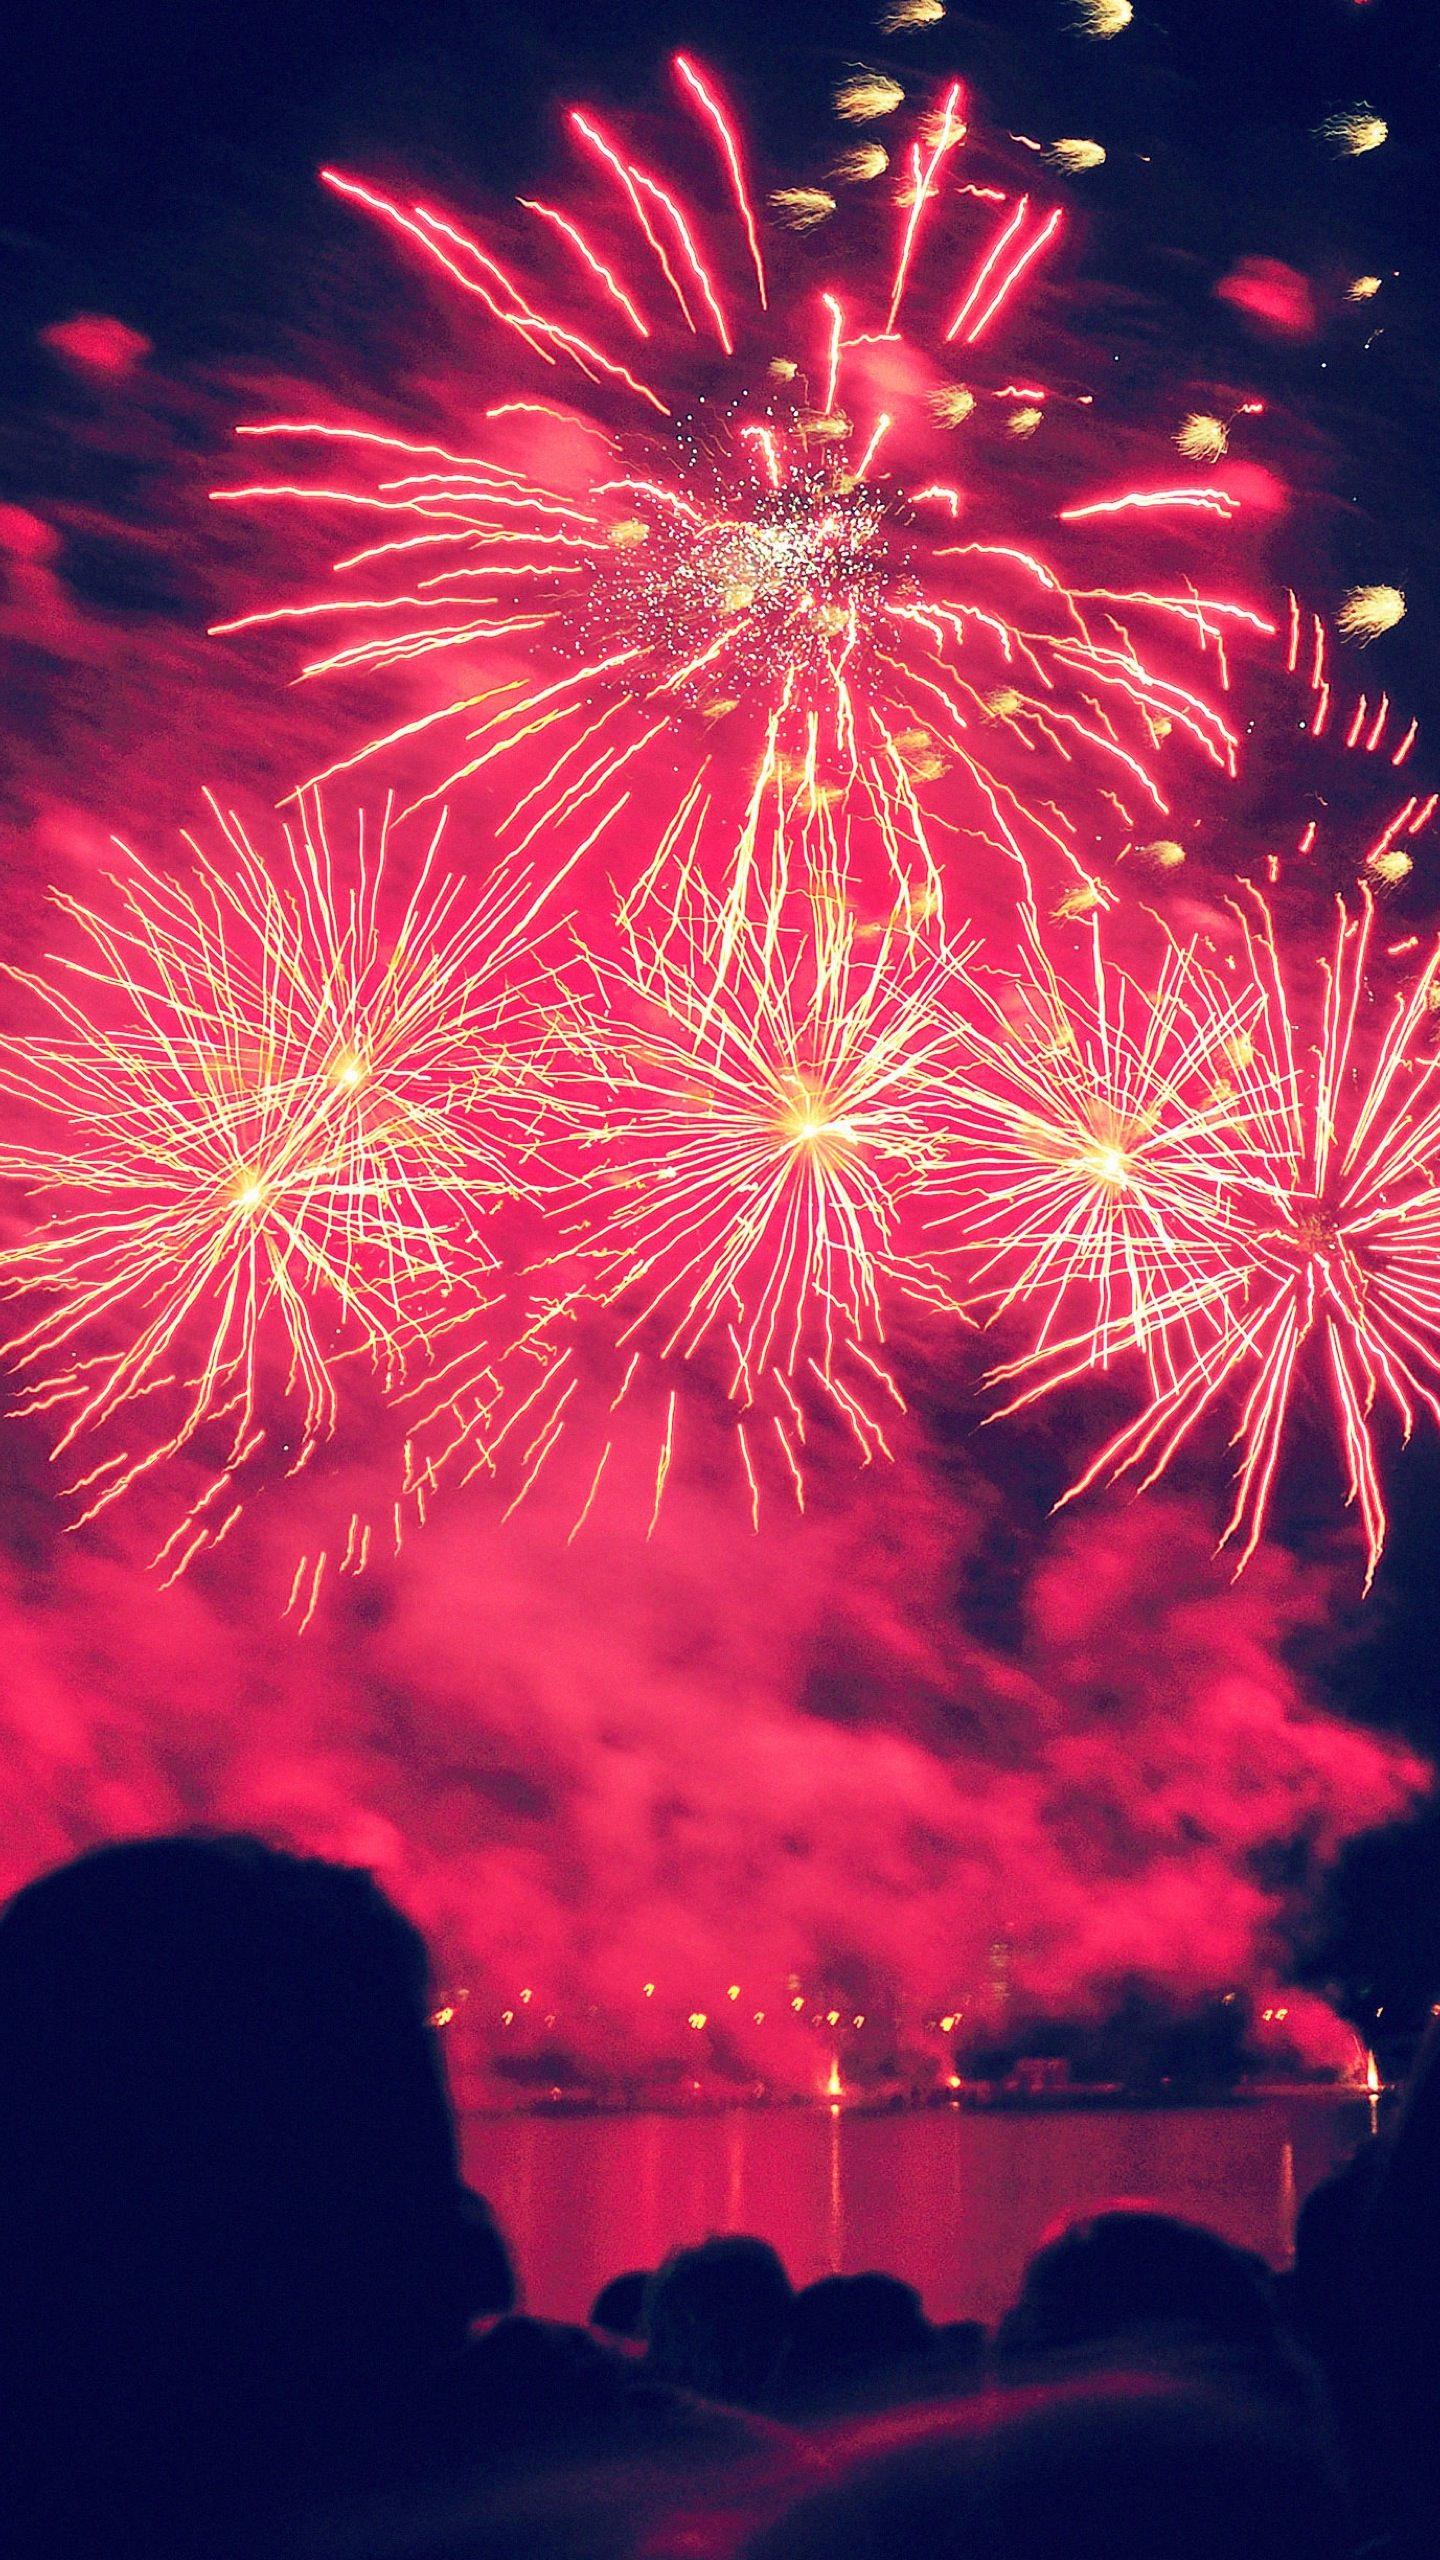 Landscape red fireworks  wallpaper.sc SmartPhone